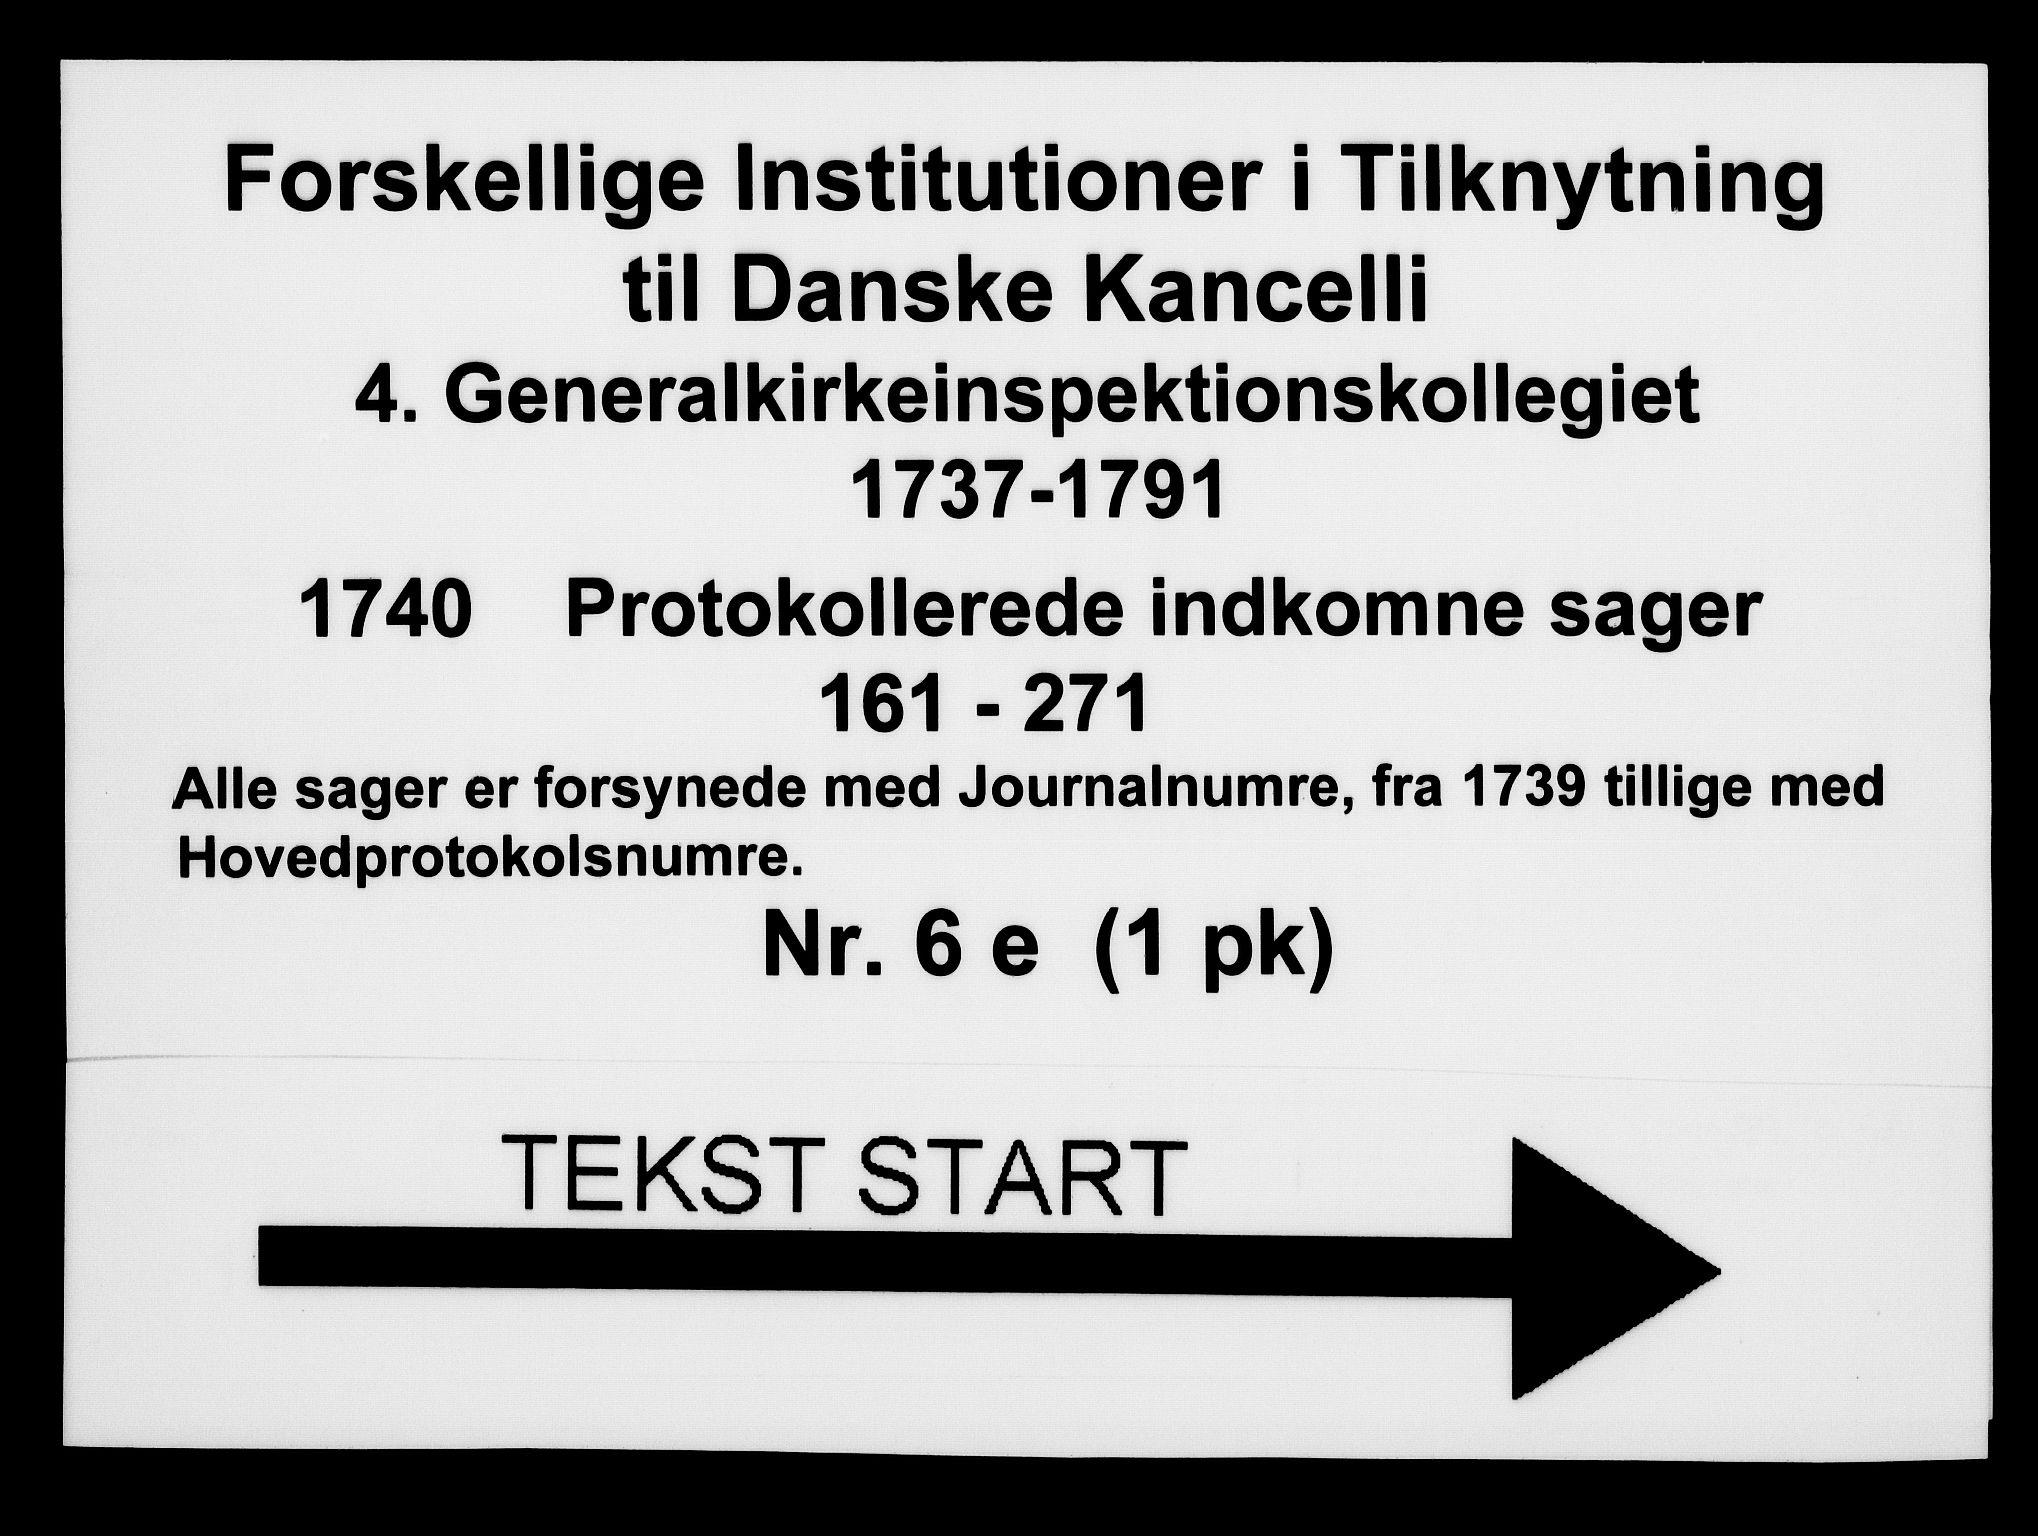 DRA, Generalkirkeinspektionskollegiet, F4-06/F4-06-05: Protokollerede indkomne sager, 1740